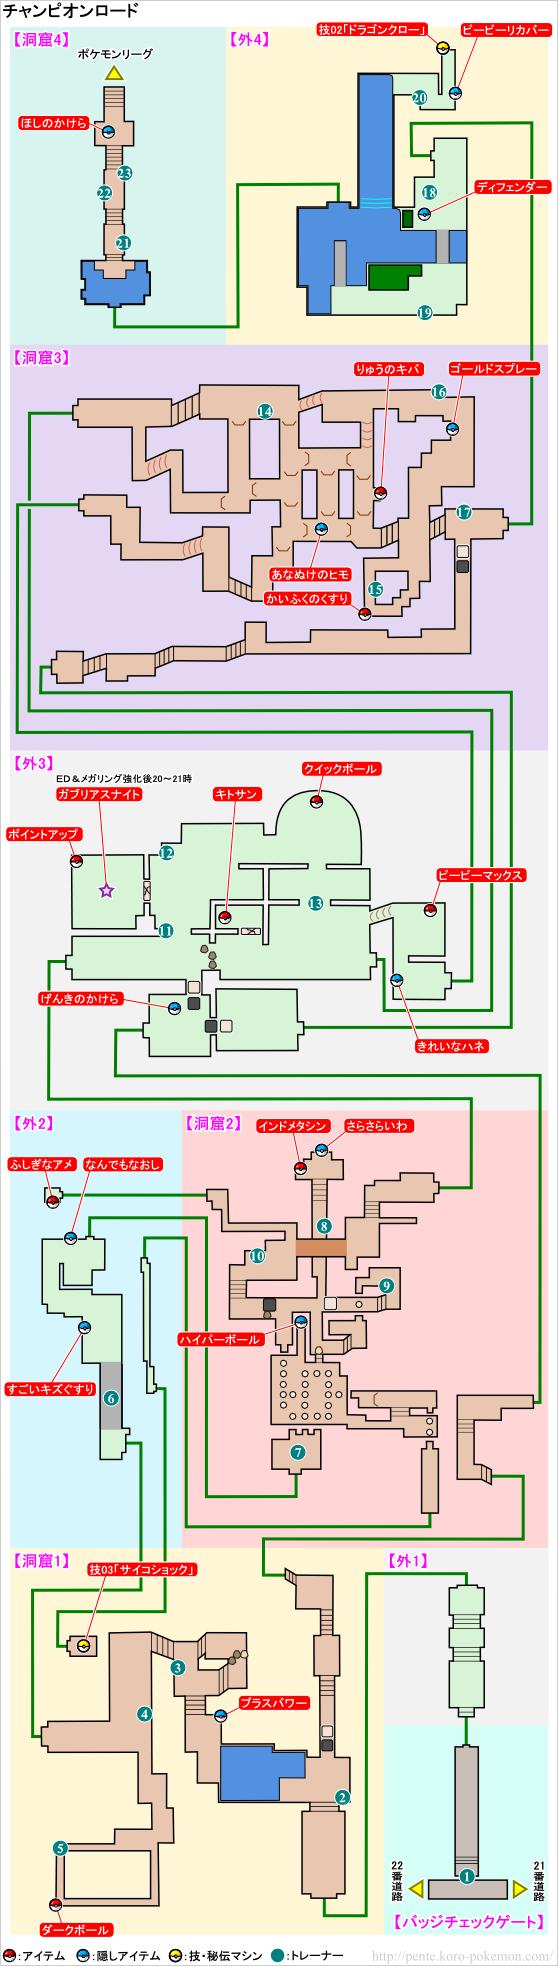 ポケモンXY チャンピオンロード マップ